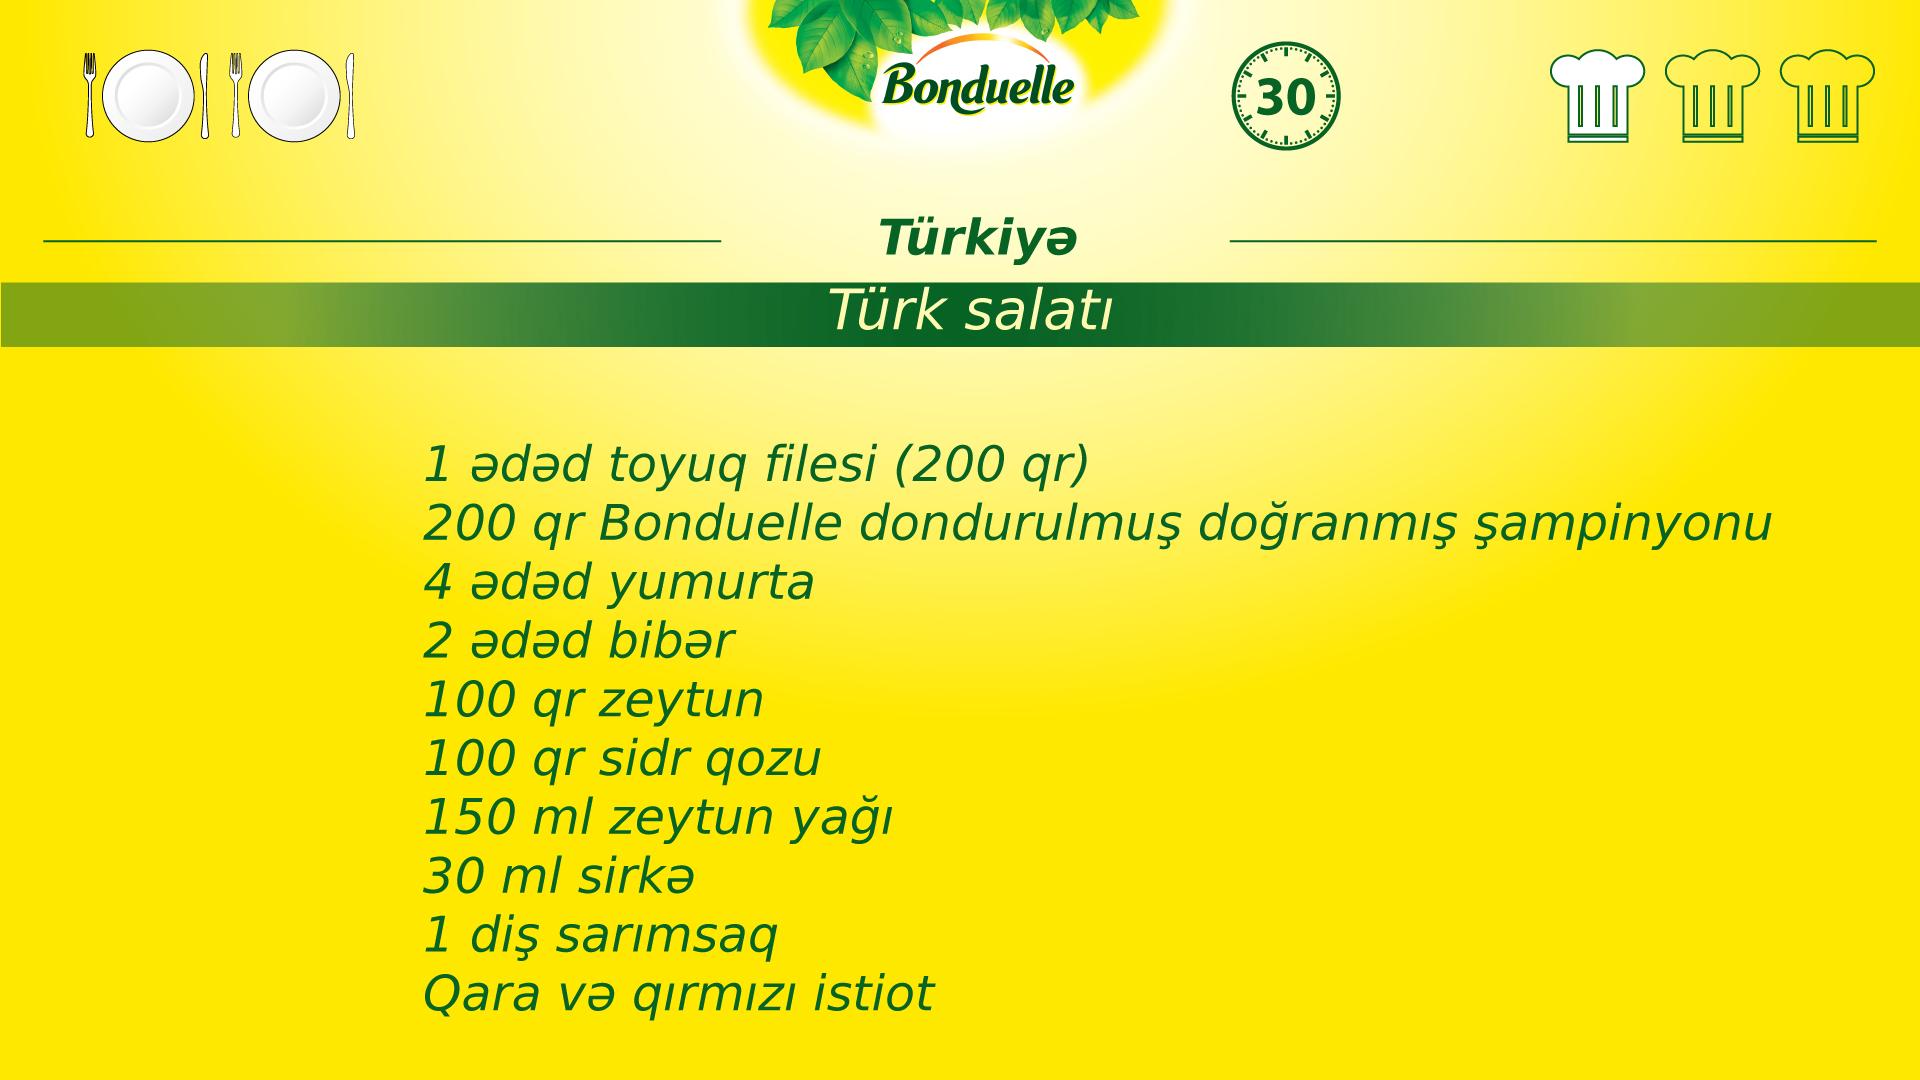 Türk salatı